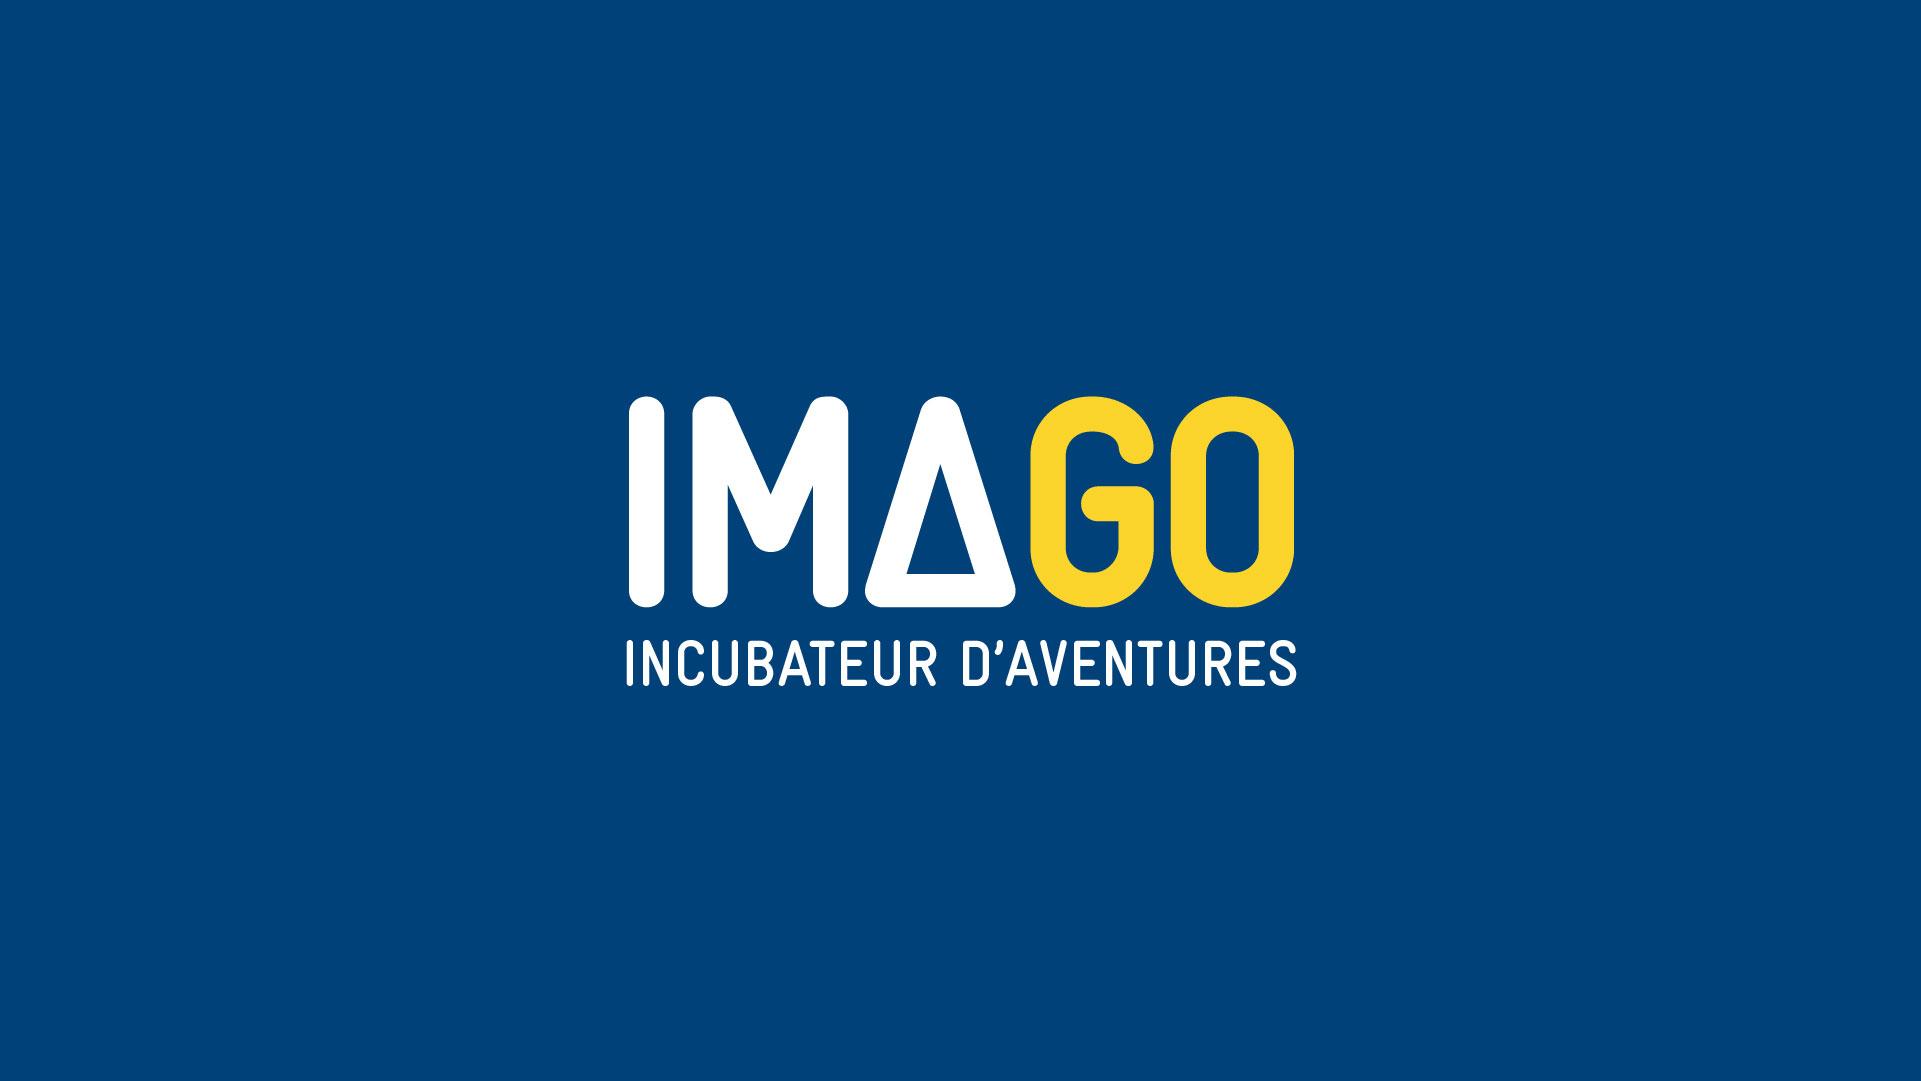 IMAGO - Incubateur d'Aventures